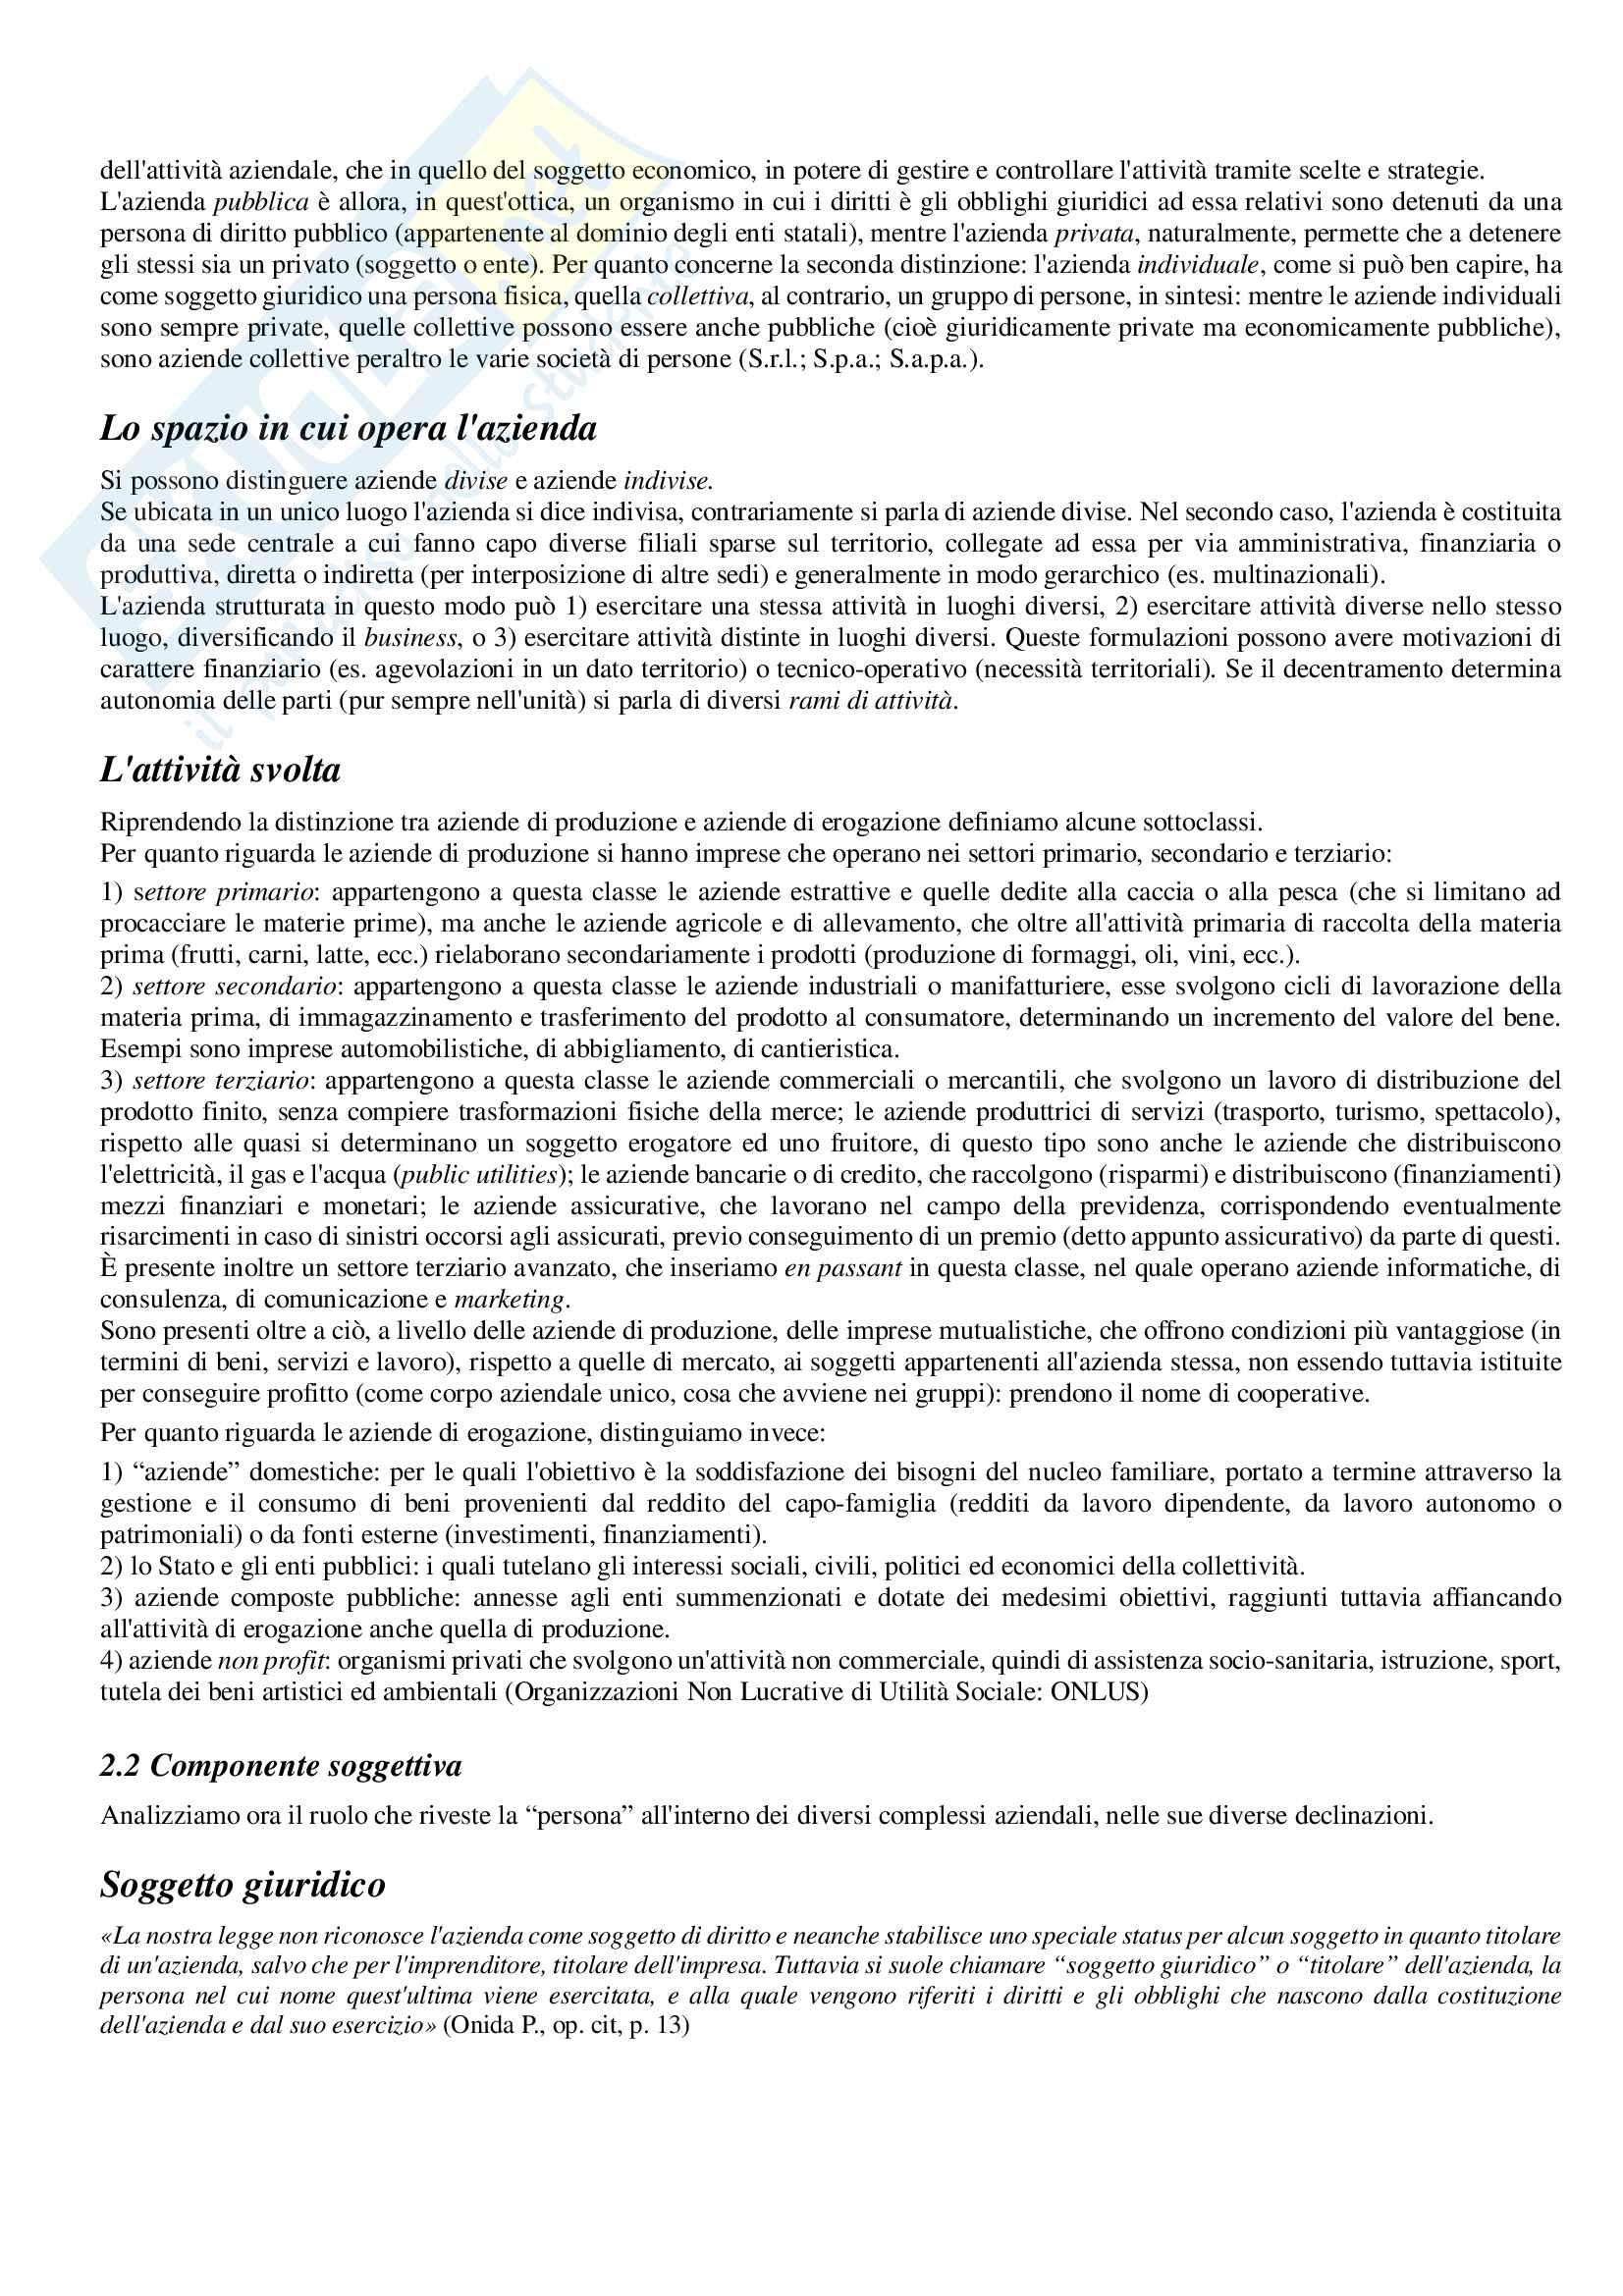 """Sunto esame di Economia aziendale, prof. P. Lizza, testo consigliato P. Lizza - """"Economia aziendale"""", Aracne, 2012 Pag. 6"""